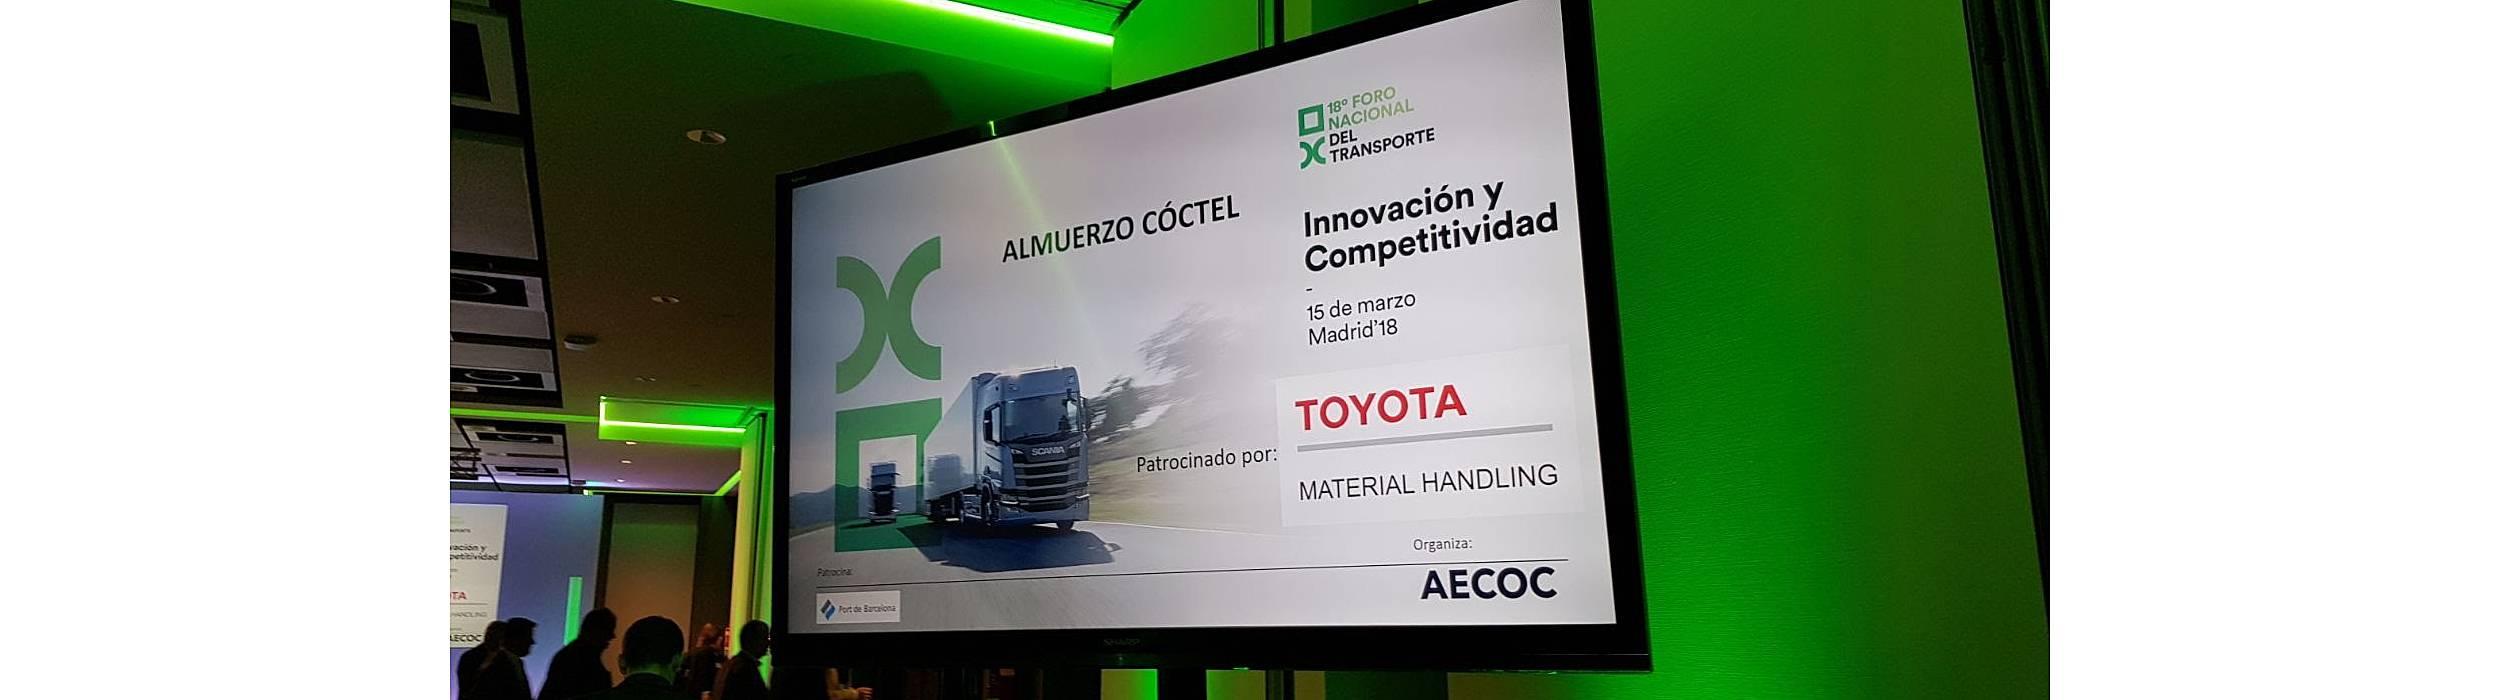 Espacio Networking patrocinado por Toyota Material Handling